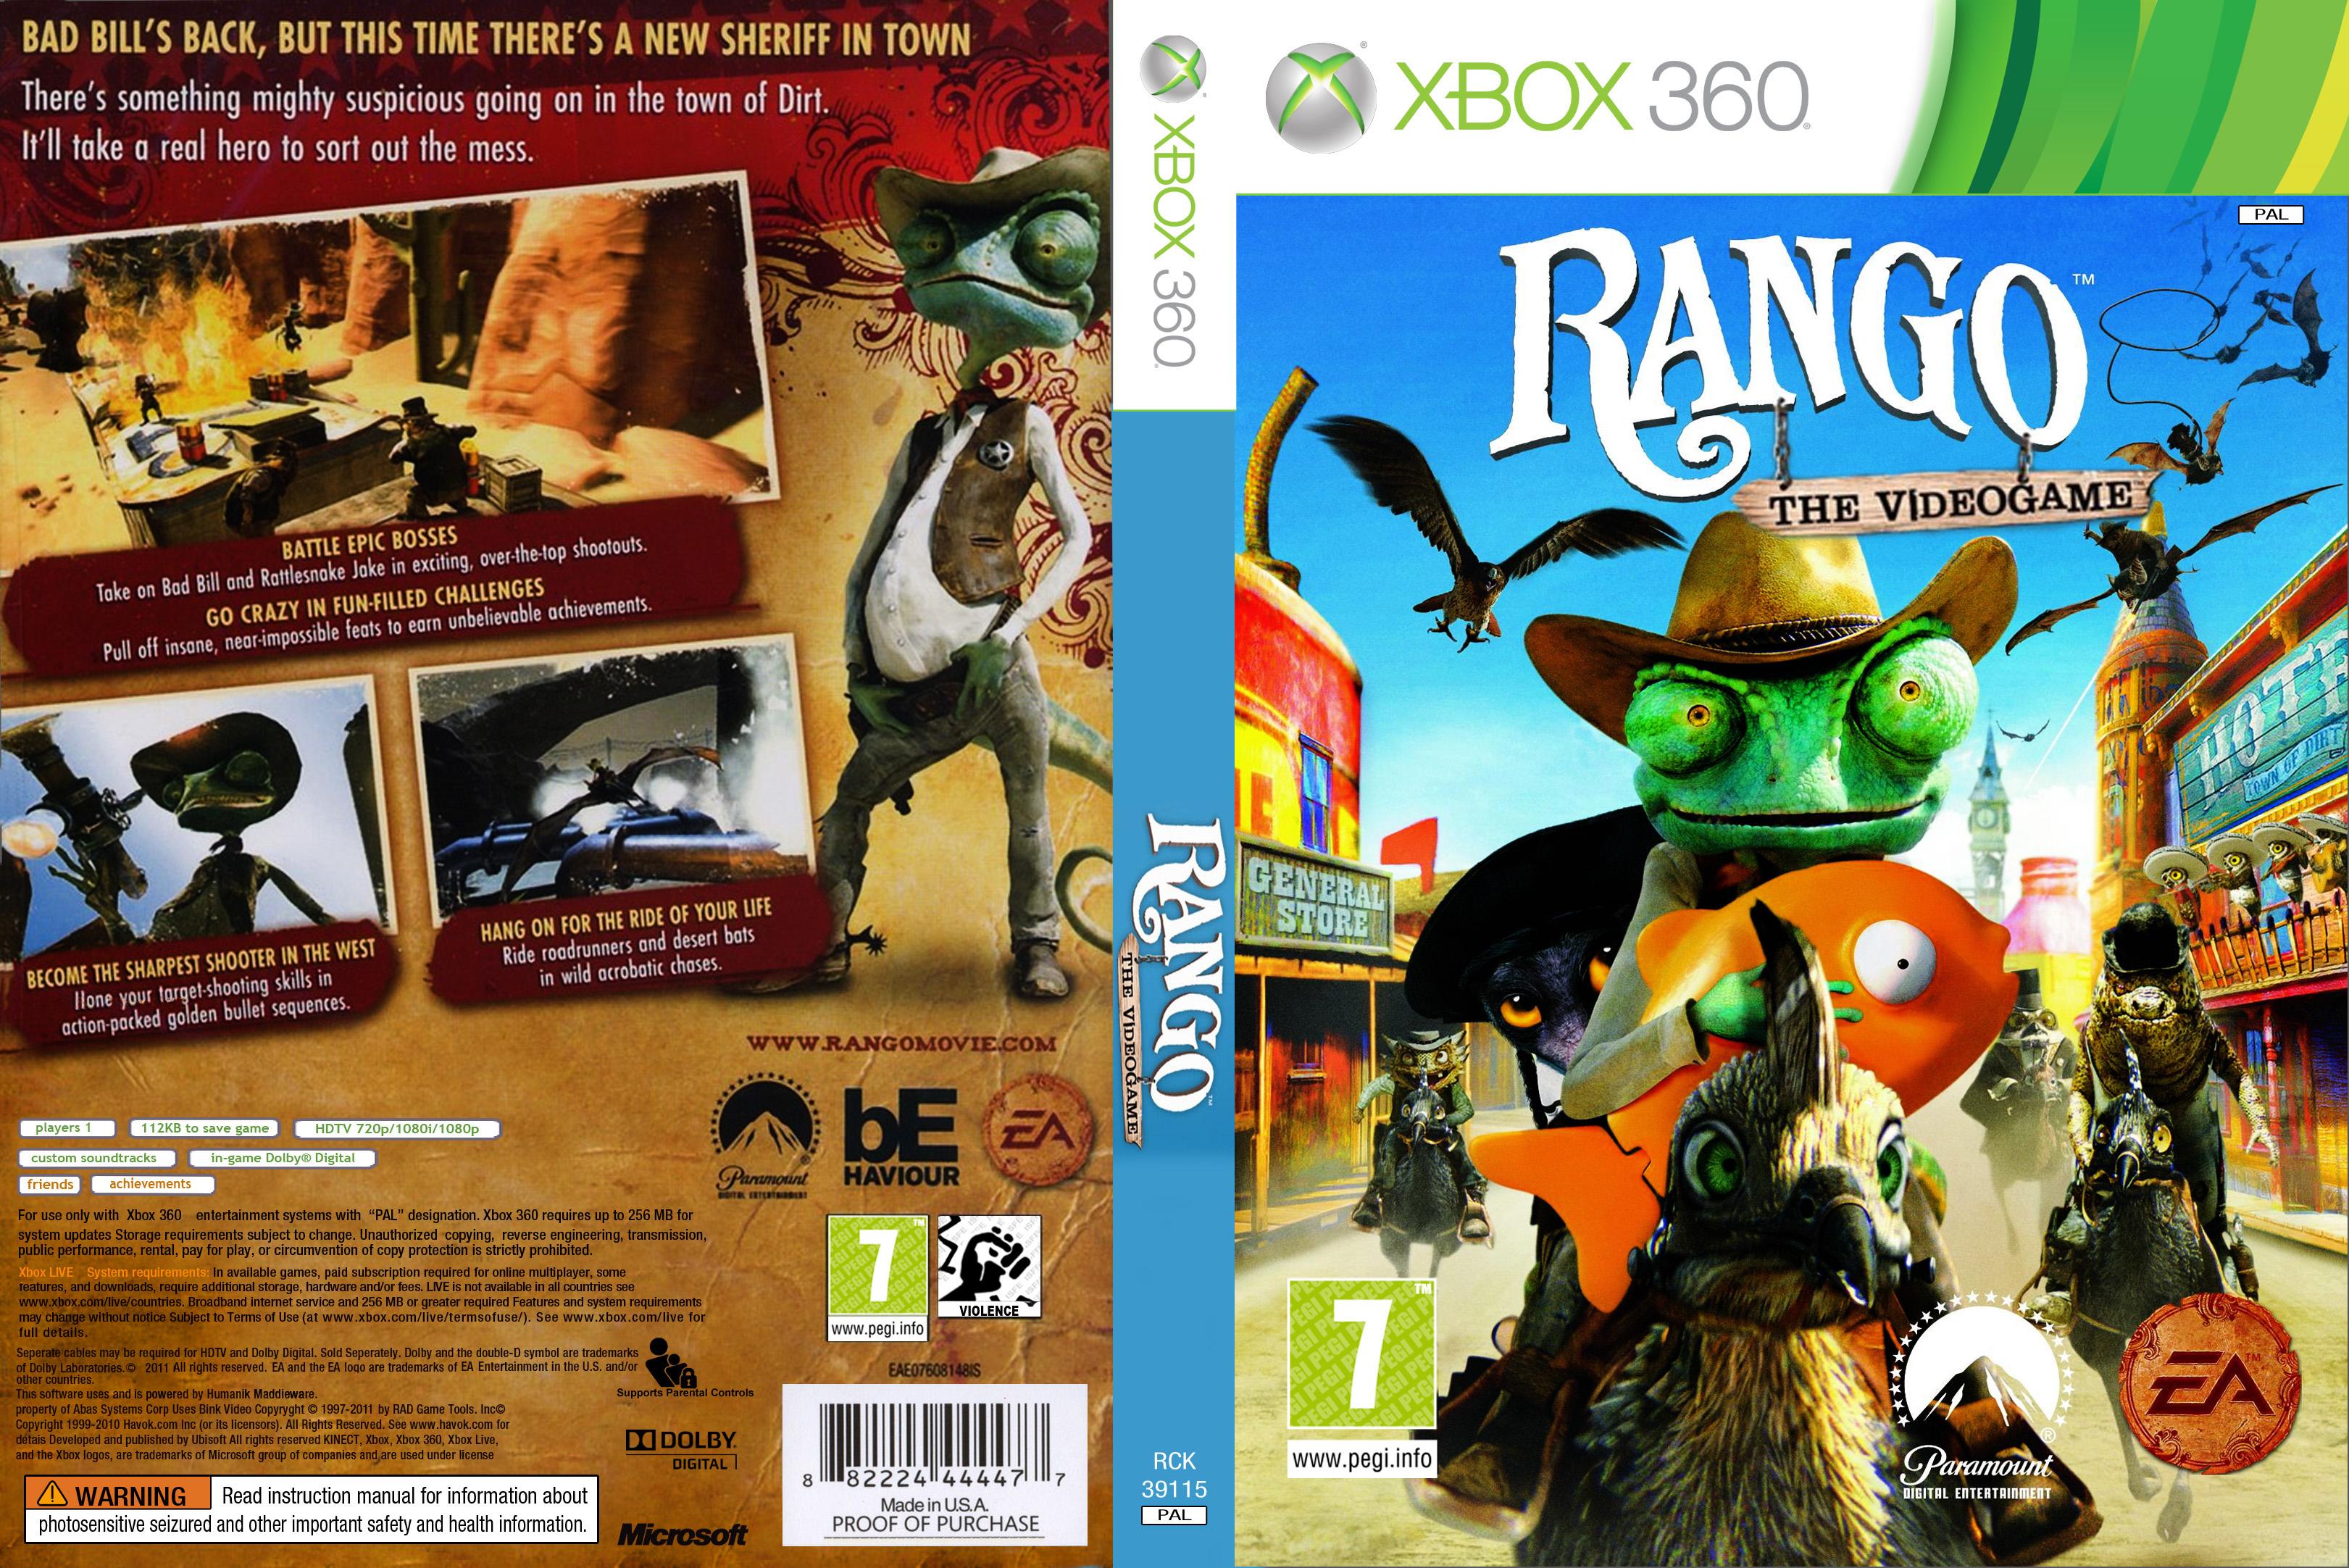 RangoTheVideoGame